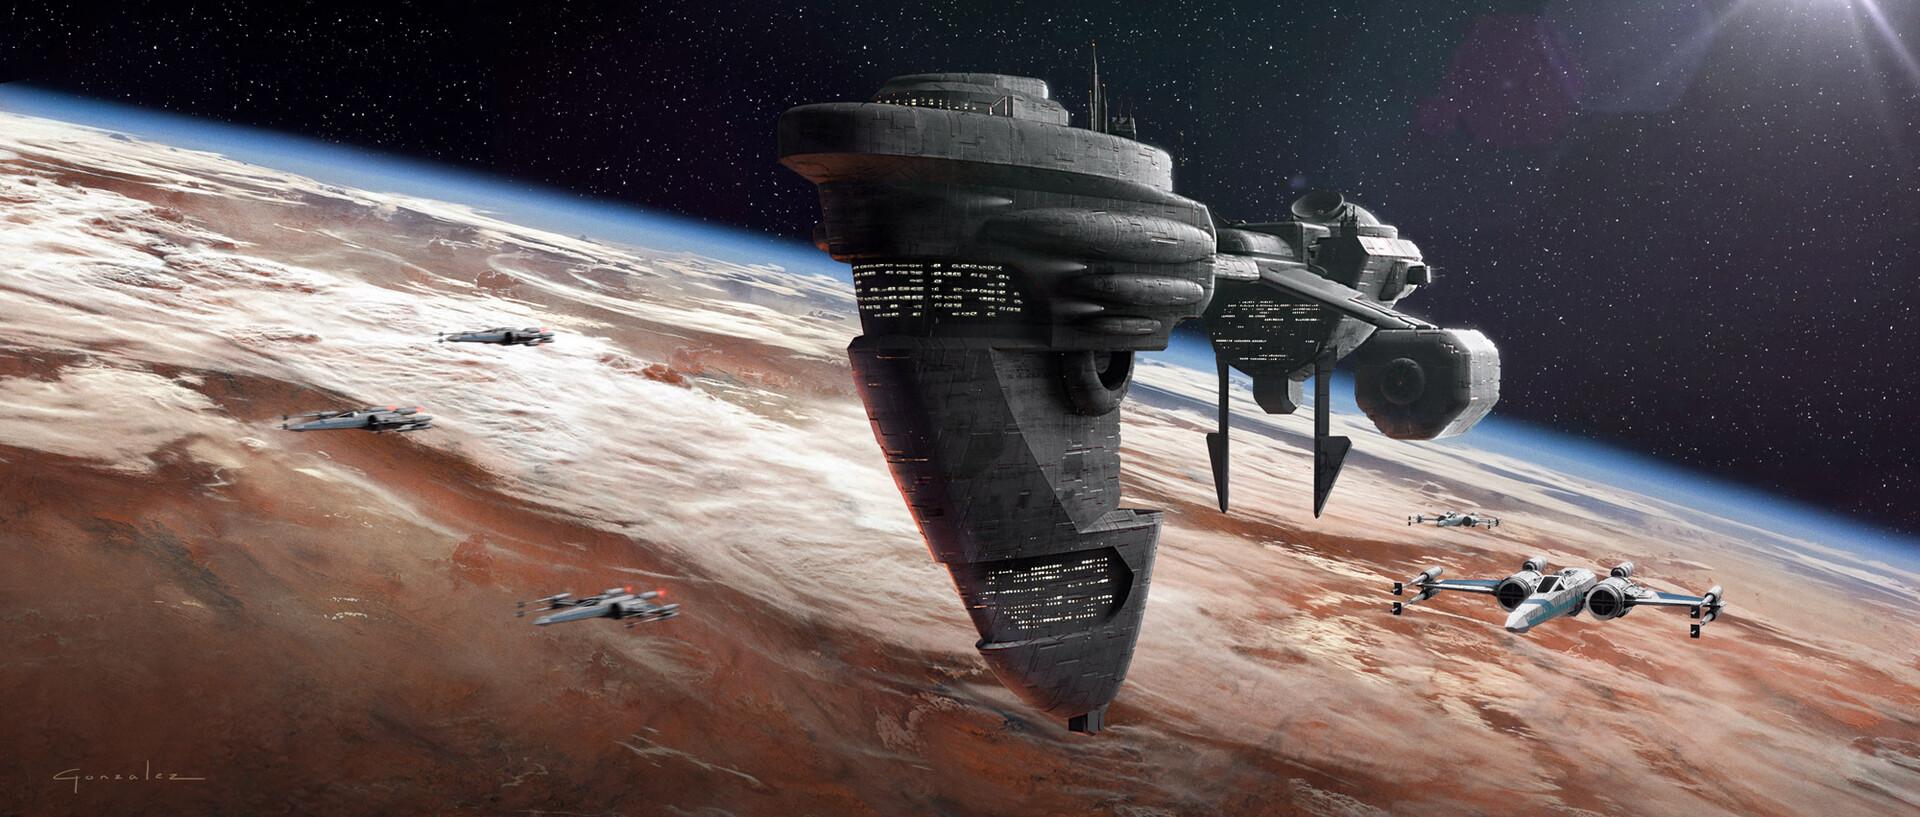 Alejandro gonzalez alejandro gonzalez star wars ship